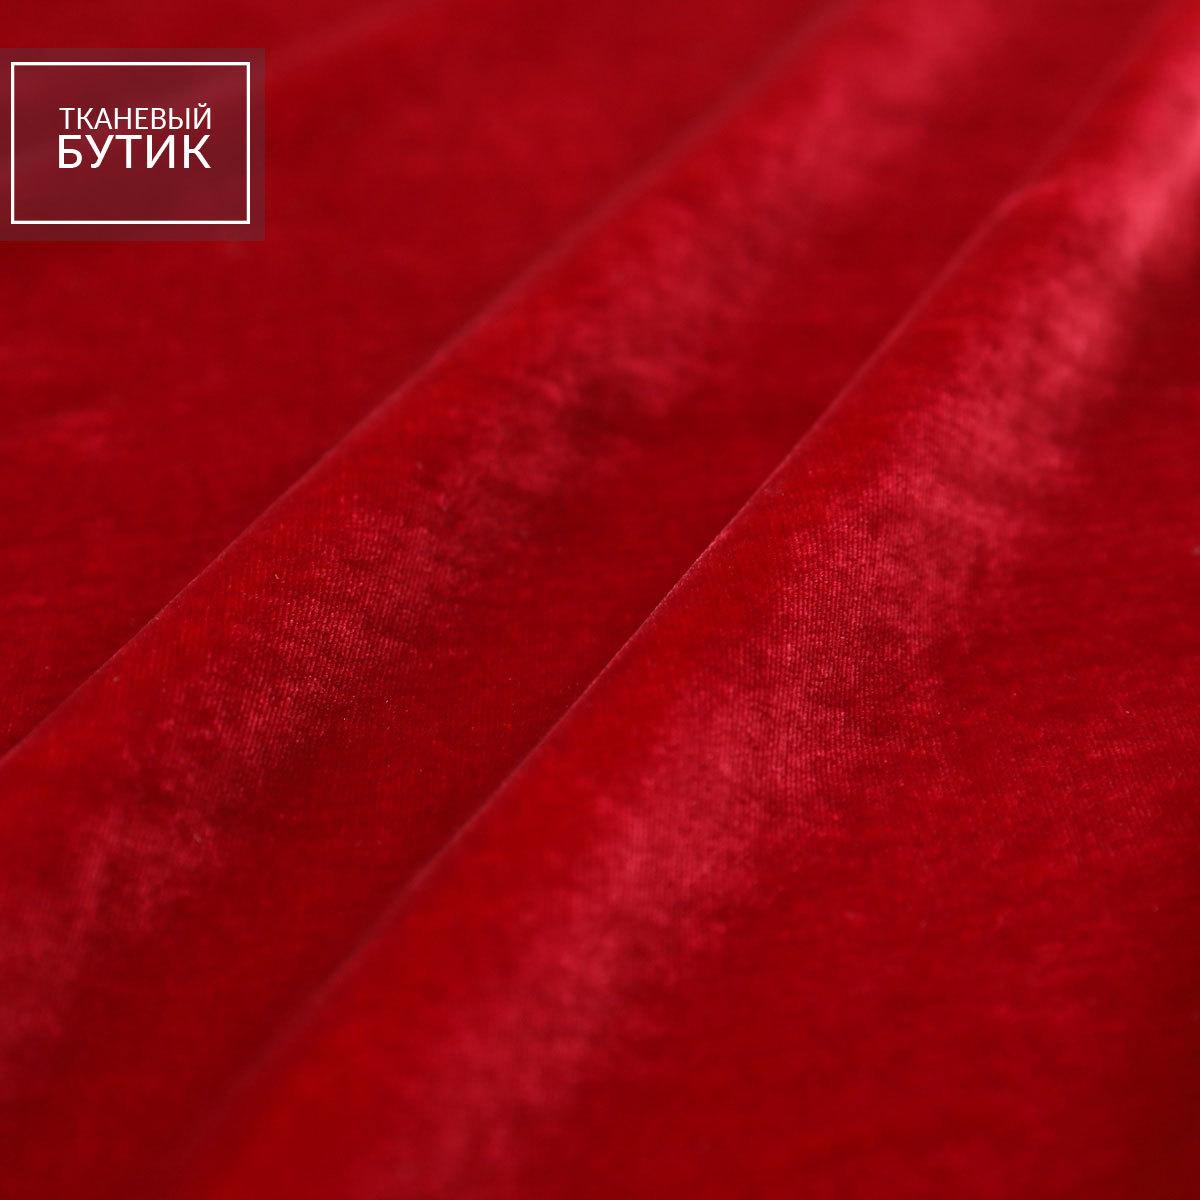 Вискозно-шелковый бархат вишнево-красного цвета